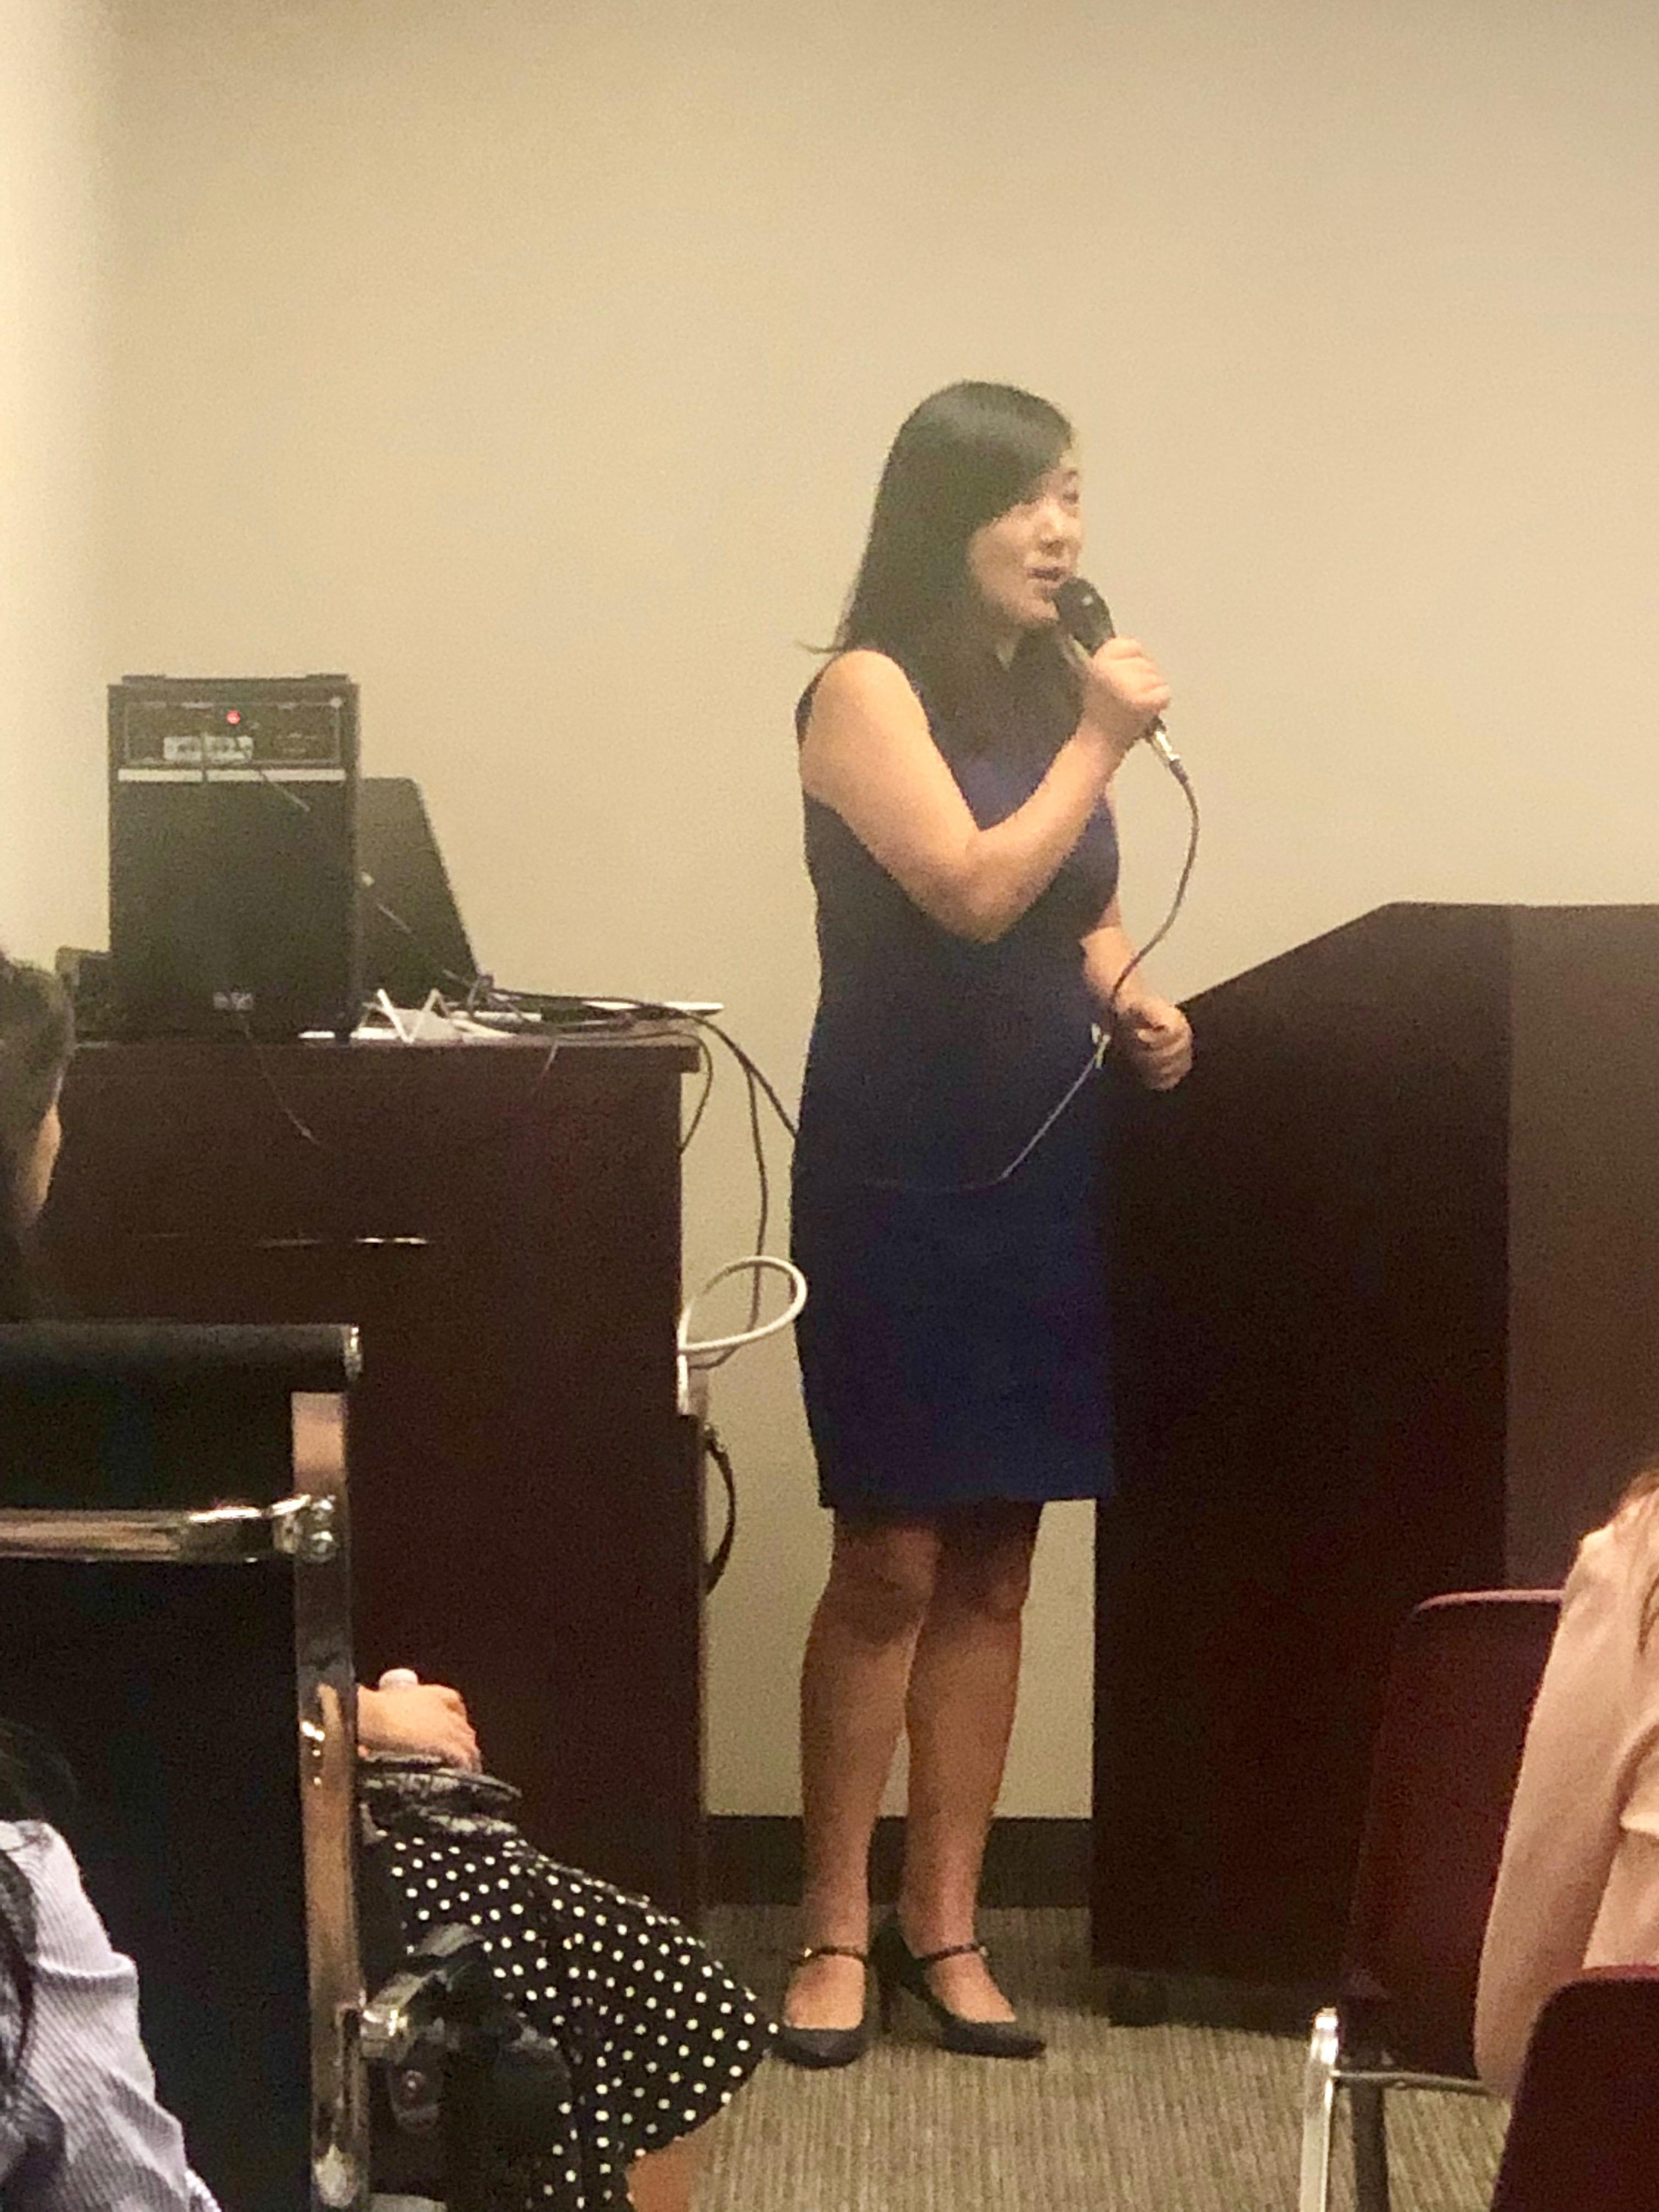 達拉斯知名律師事務所信託專家Sue Chu談「信託的重要性及實例」。